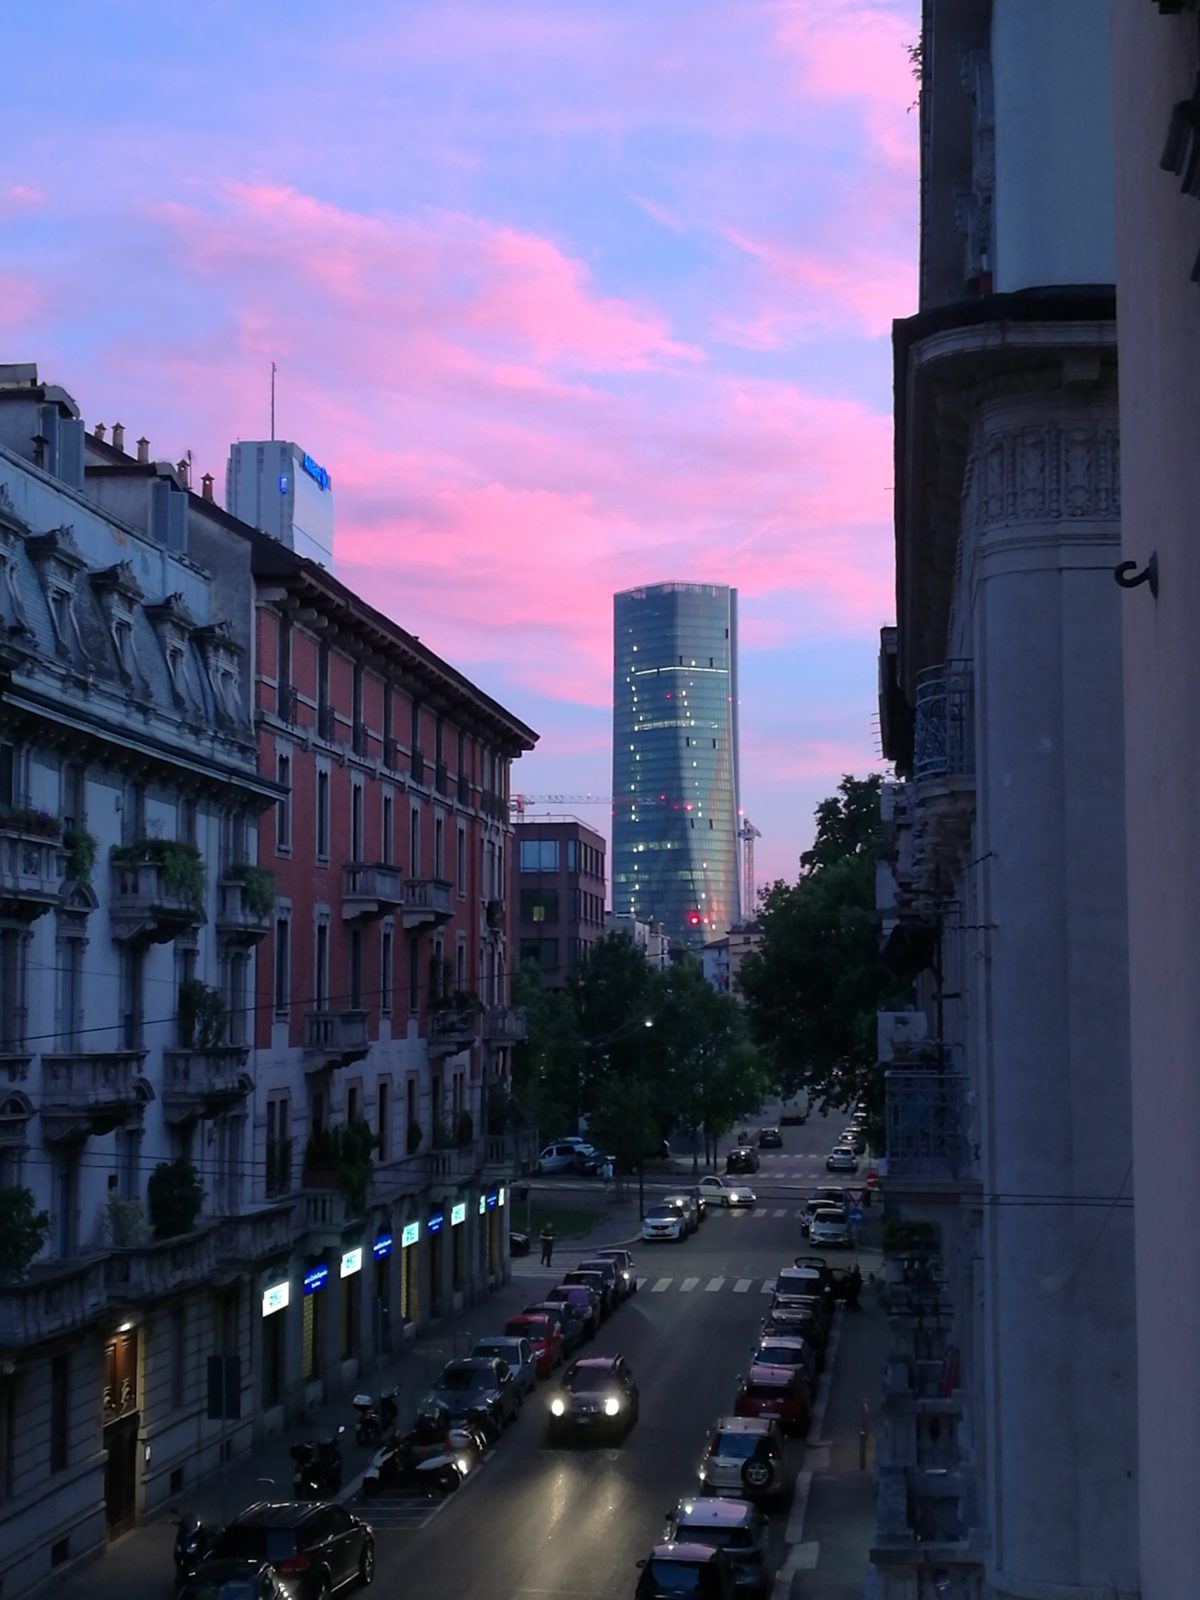 SUNSET IN MILAN